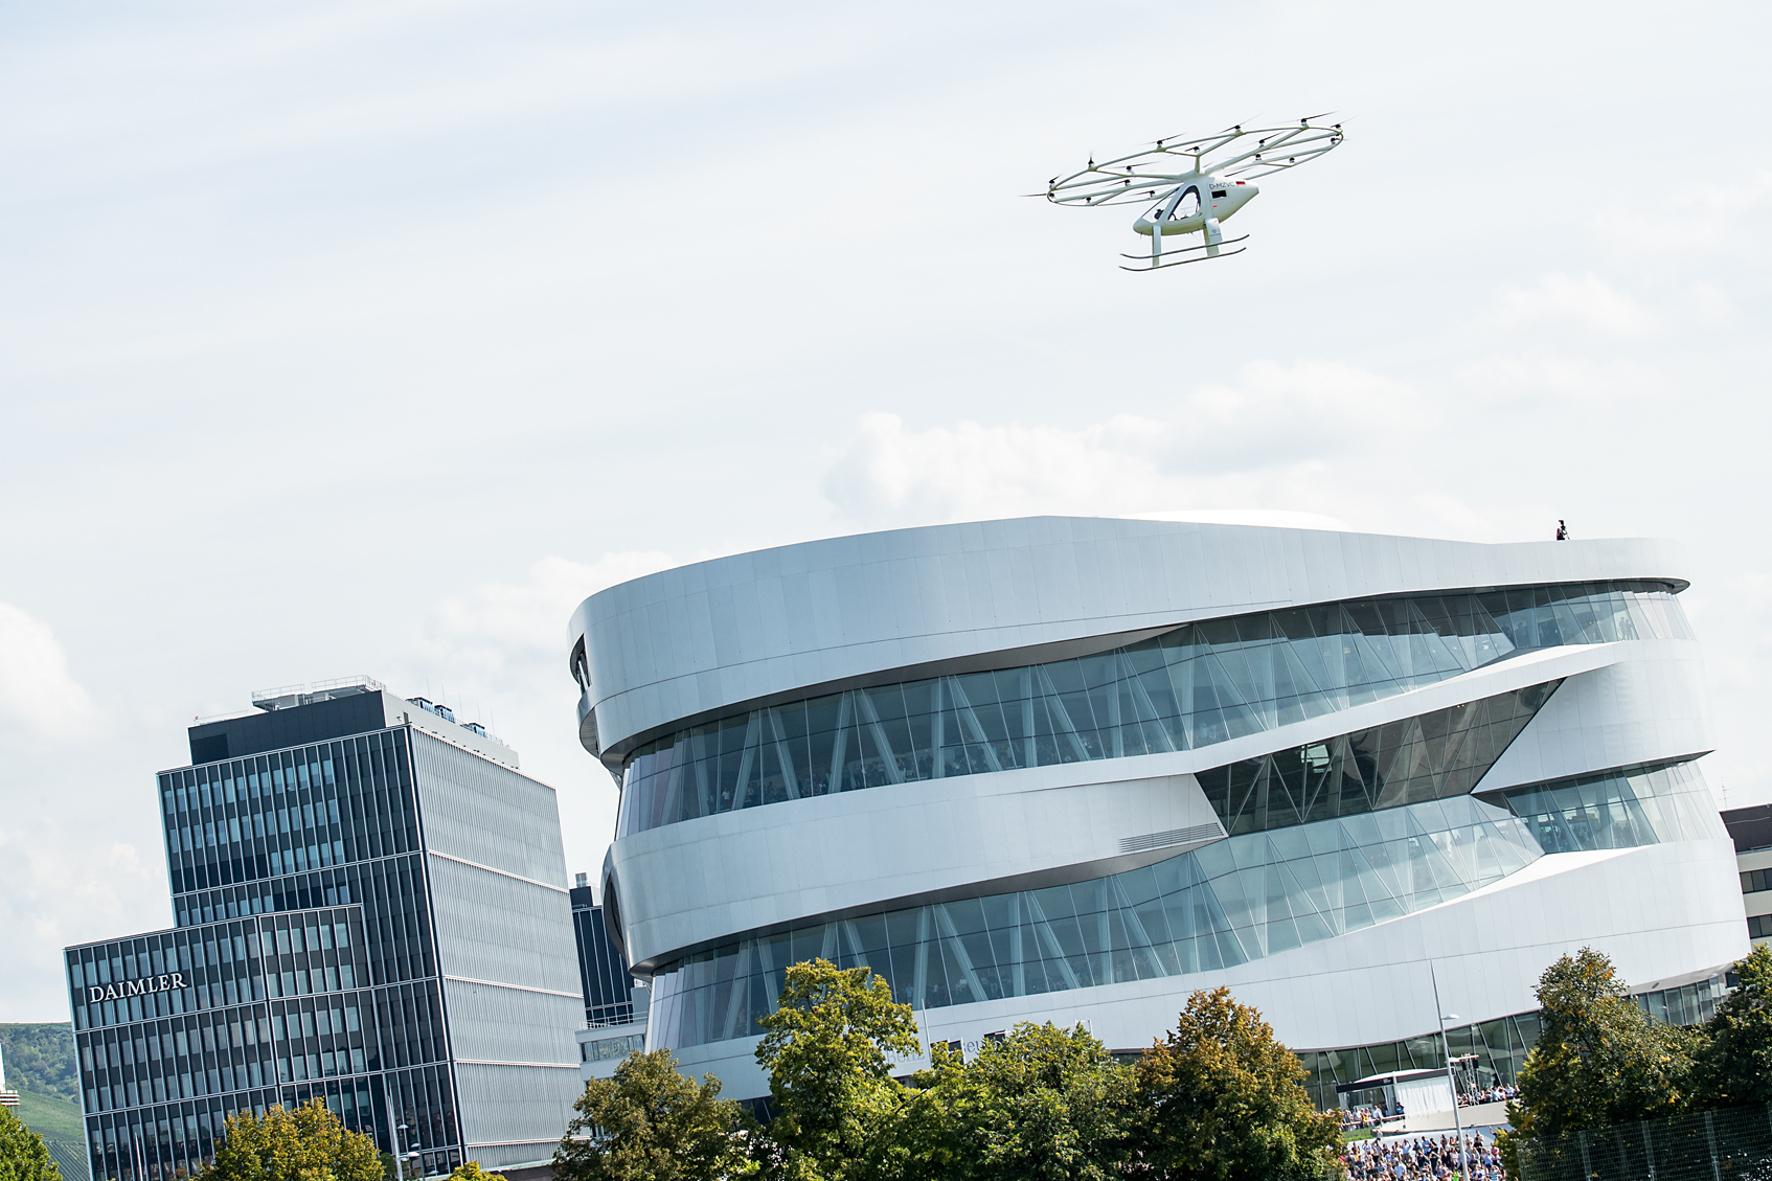 mid Groß-Gerau - Der Volocopter hat seinen ersten urbanen Flug in Europa erfolgreich absolviert. Daimler